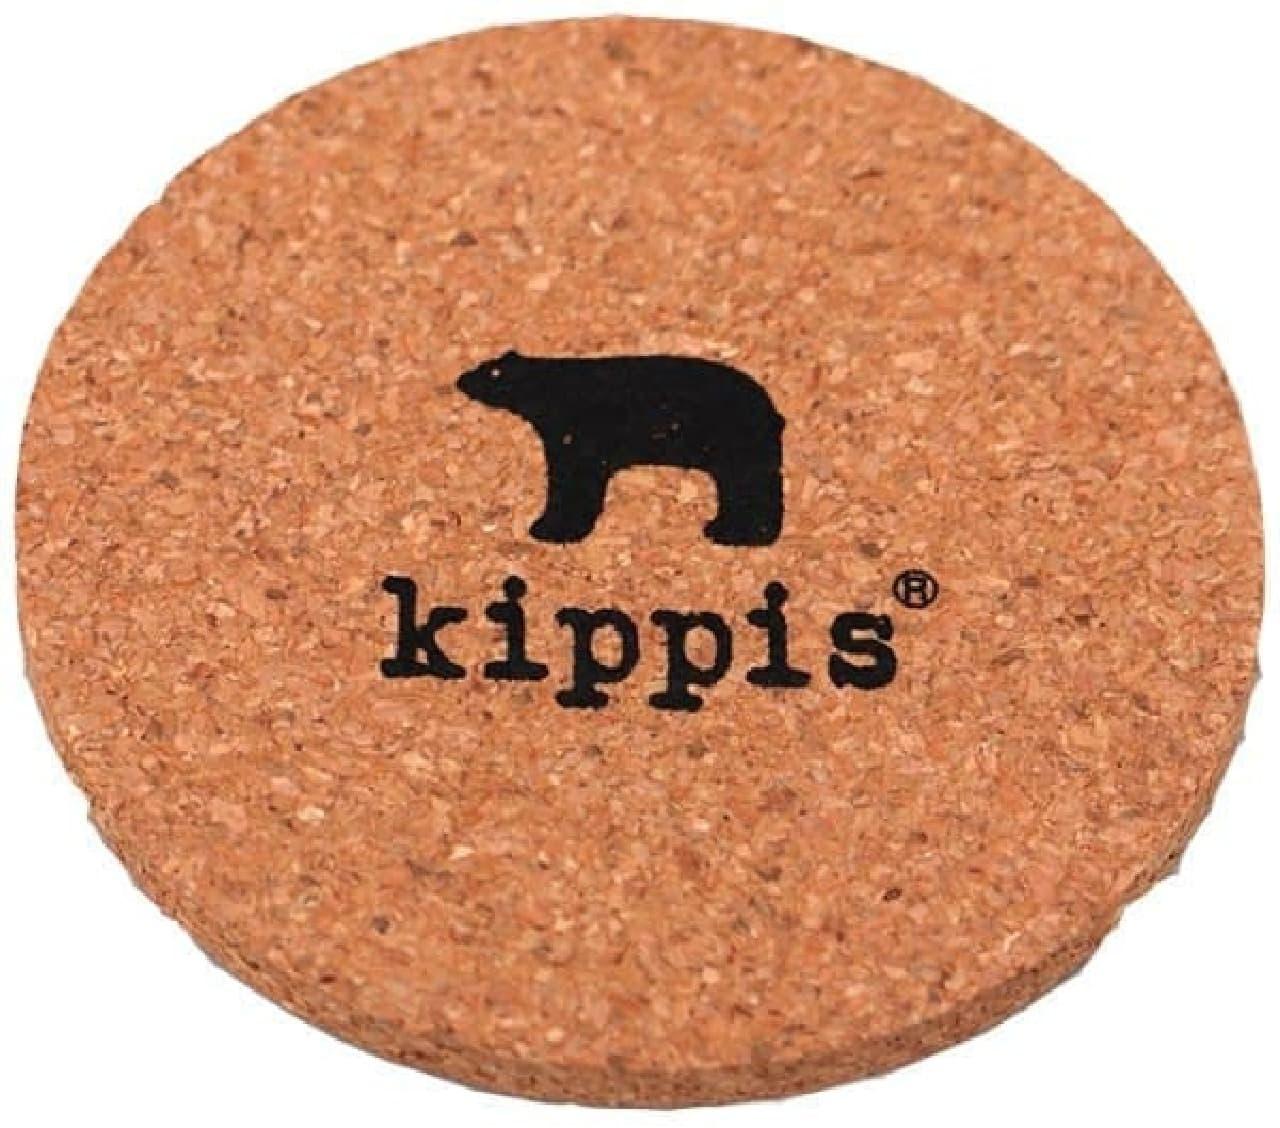 kippis(キッピス)「スモークサーモン(紅鮭燻製オイル漬)」と「サーモンオイル漬(紅鮭油漬)」